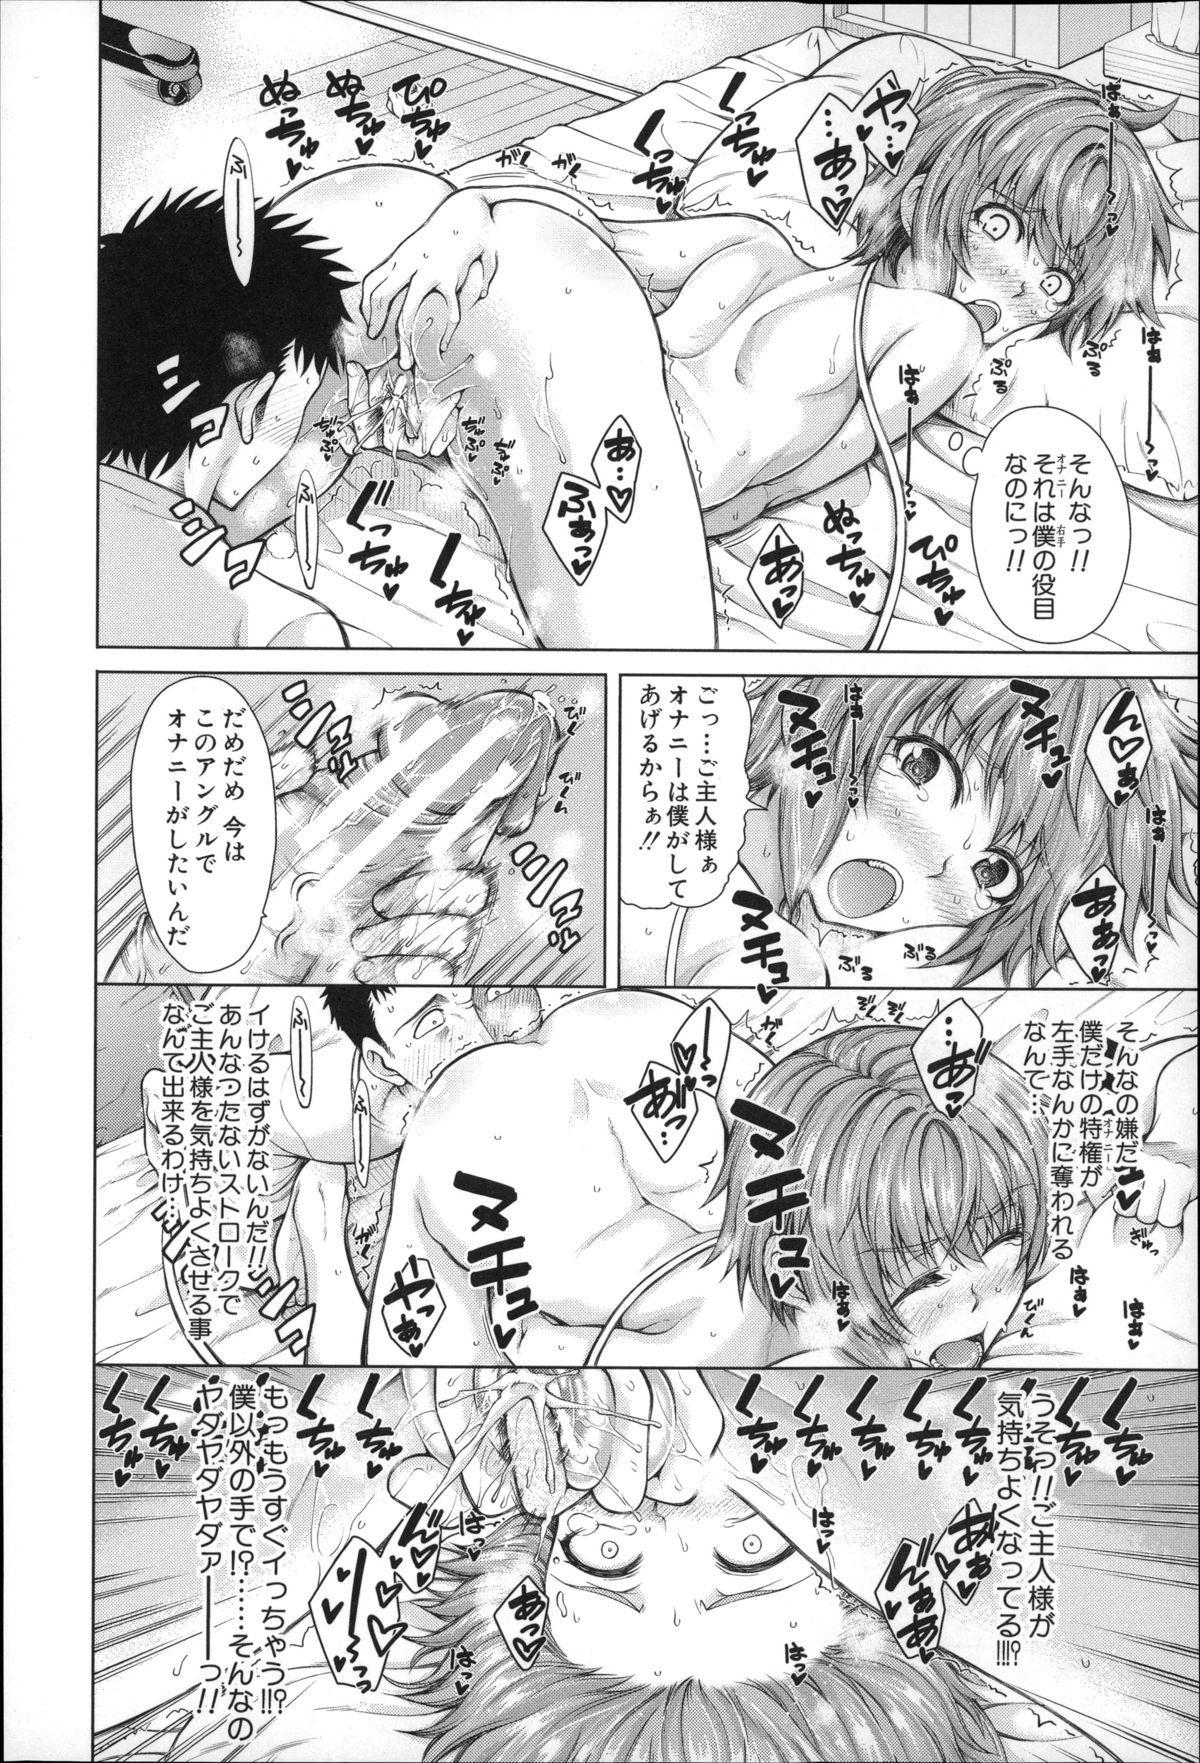 Migite ga Bishoujo ni Natta kara Sex Shita kedo Doutei dayone!! 16